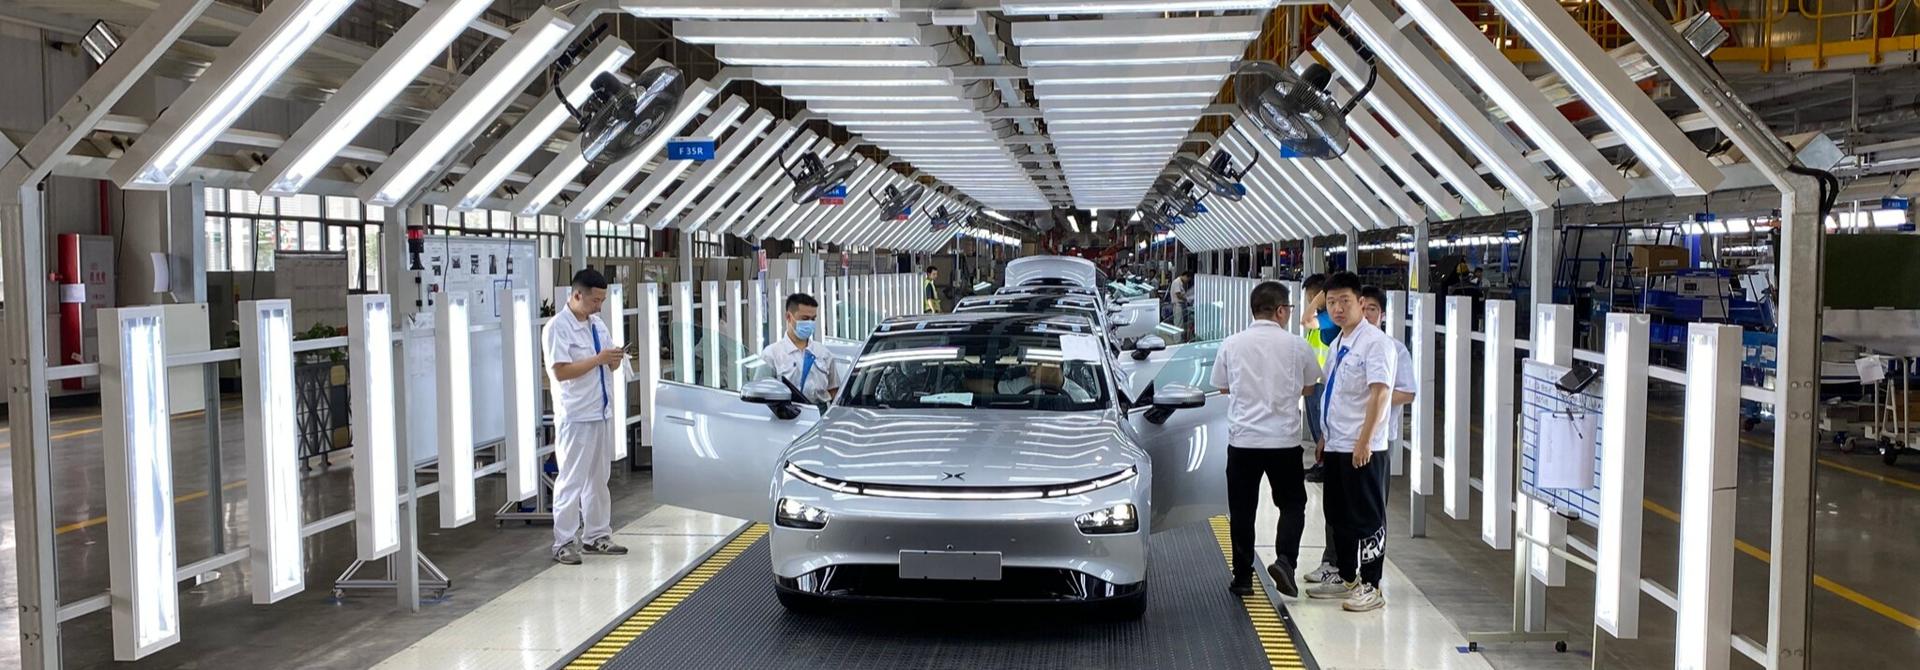 """Trung Quốc đang """"hừng hực khí thế"""" sản xuất ô tô điện"""